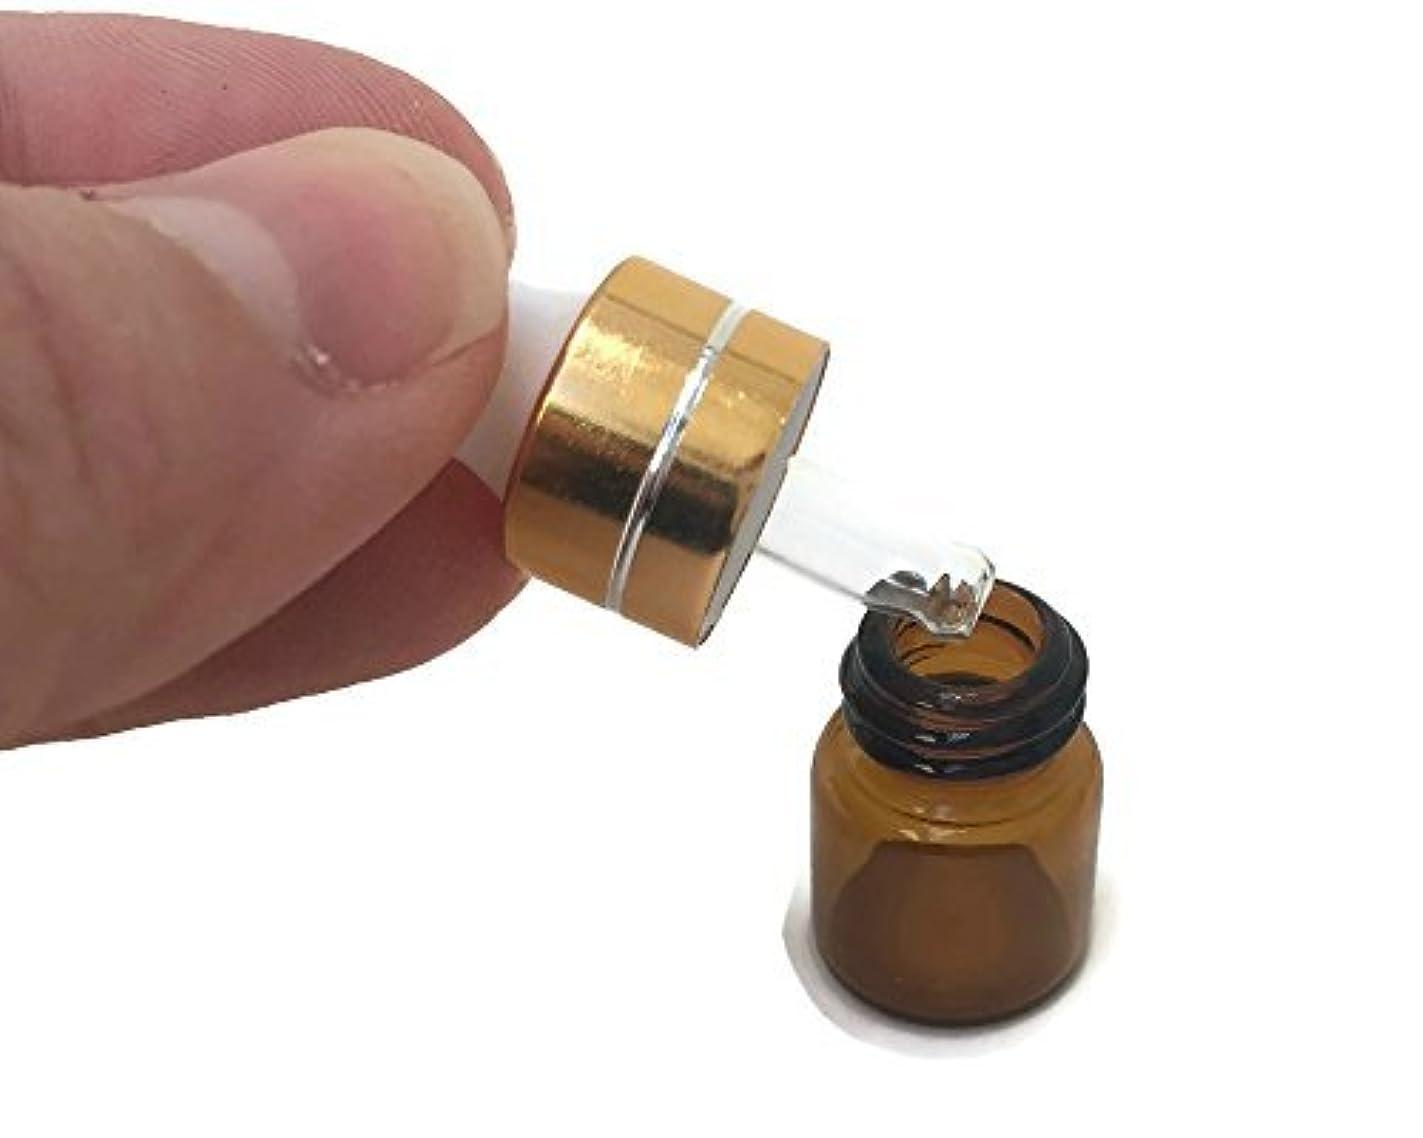 付き添い人結婚式必要とするMiniature 1/4 Dram 1mL Glass Dropper Bottles for Essential Oils from. Amber Glass to Protect Sensitive Oils. Gold...